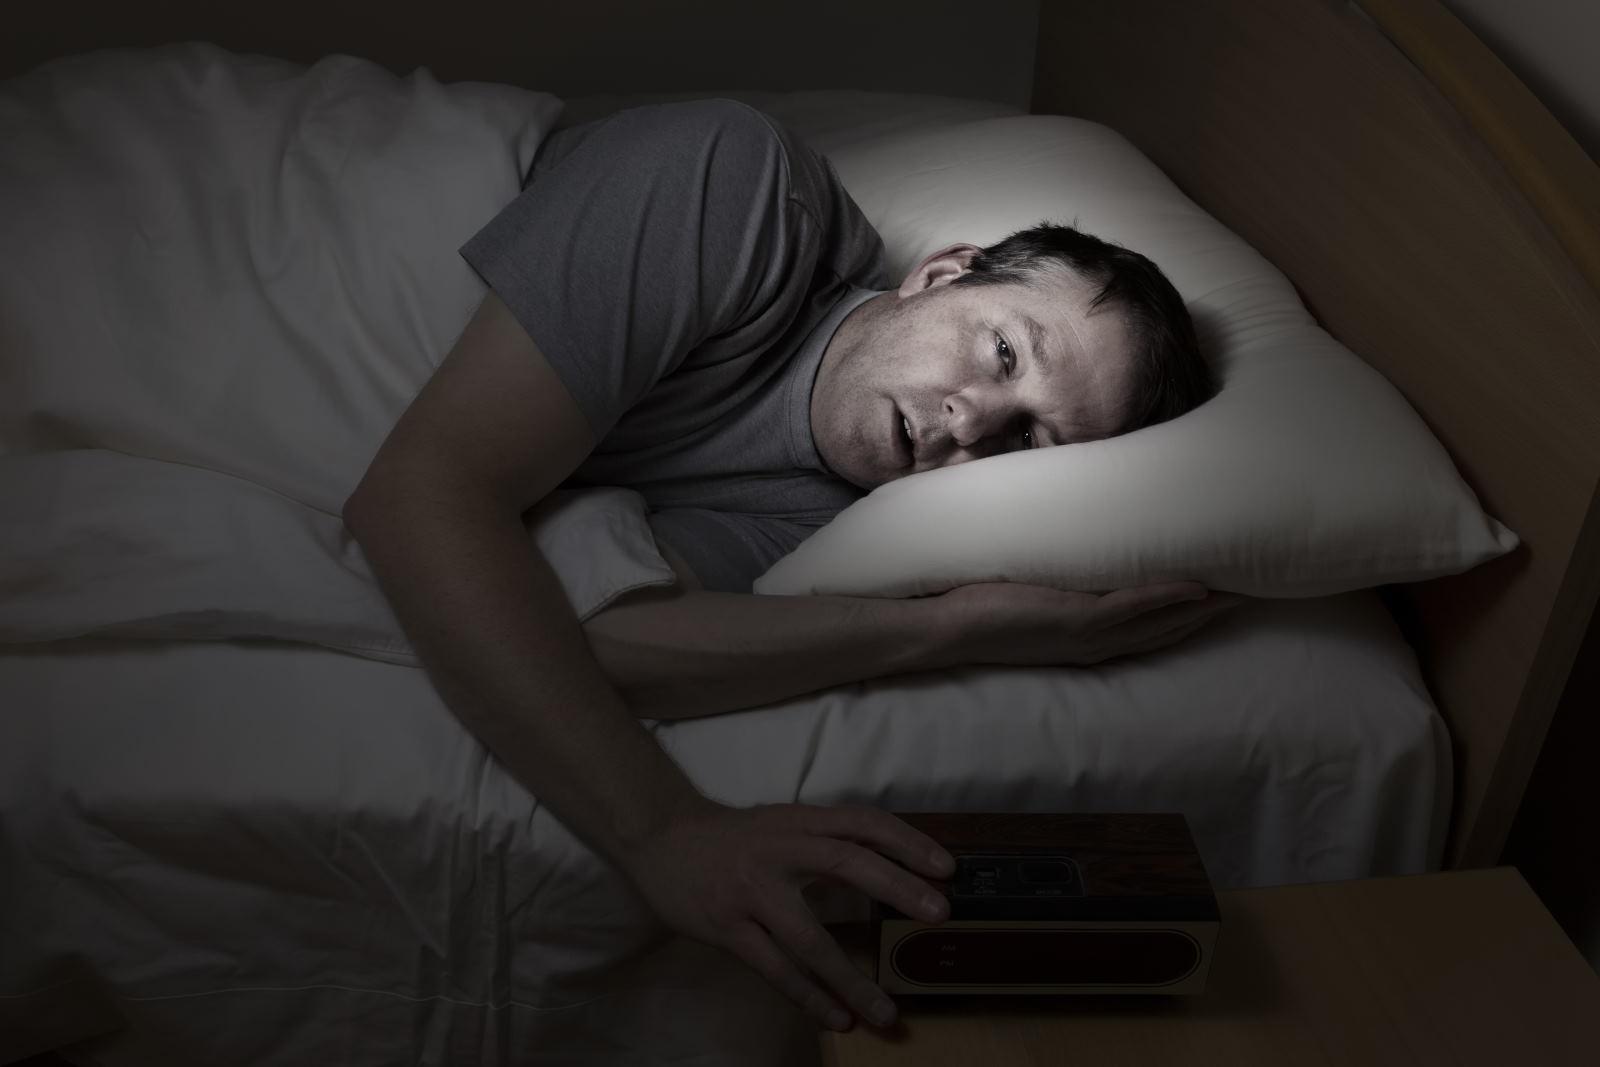 Kurang dan Banyak Tidur Bisa Turunkan Kualitas Sperma